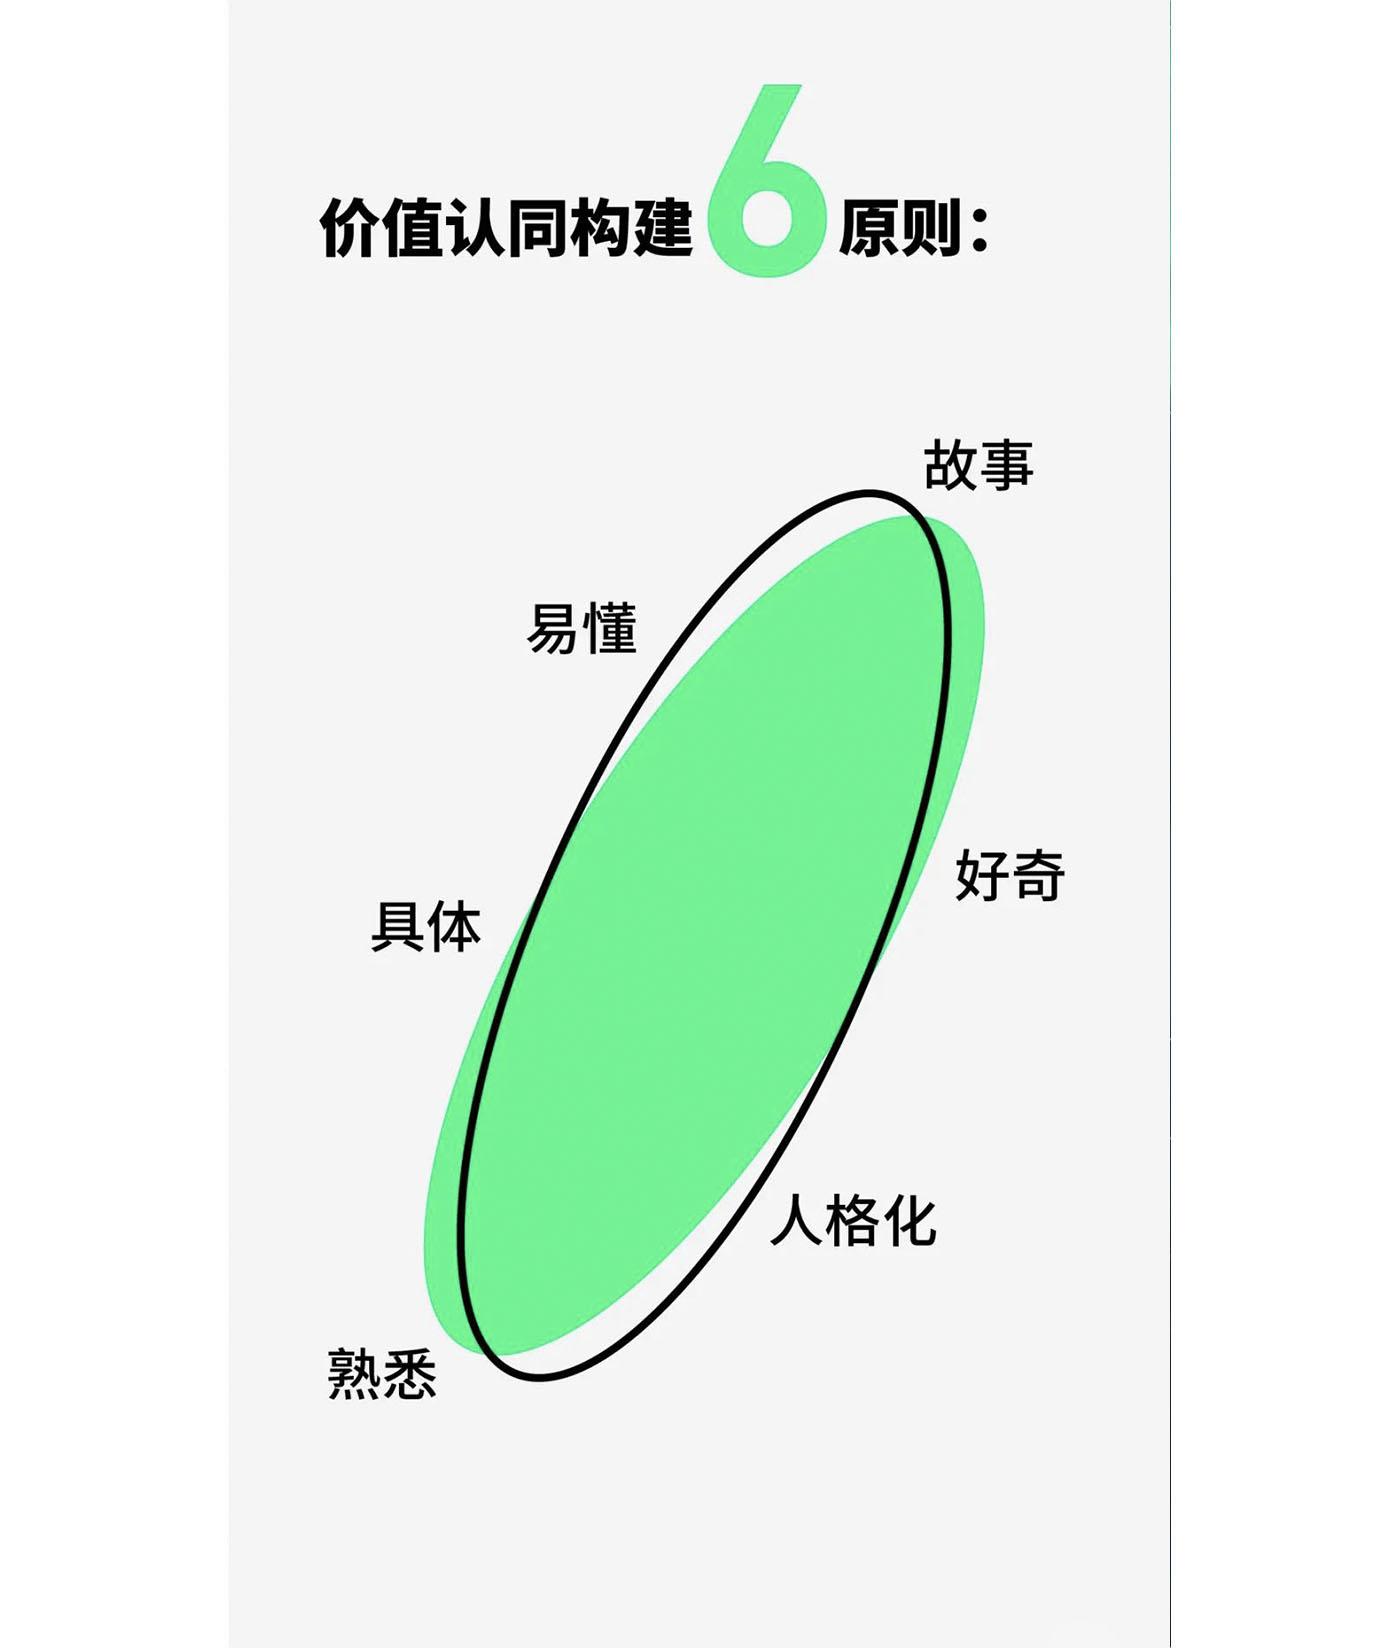 左右格局是谁,众鑫国际 体育设计公司,公司介绍,深圳众鑫国际 体育众鑫国际 体育平台